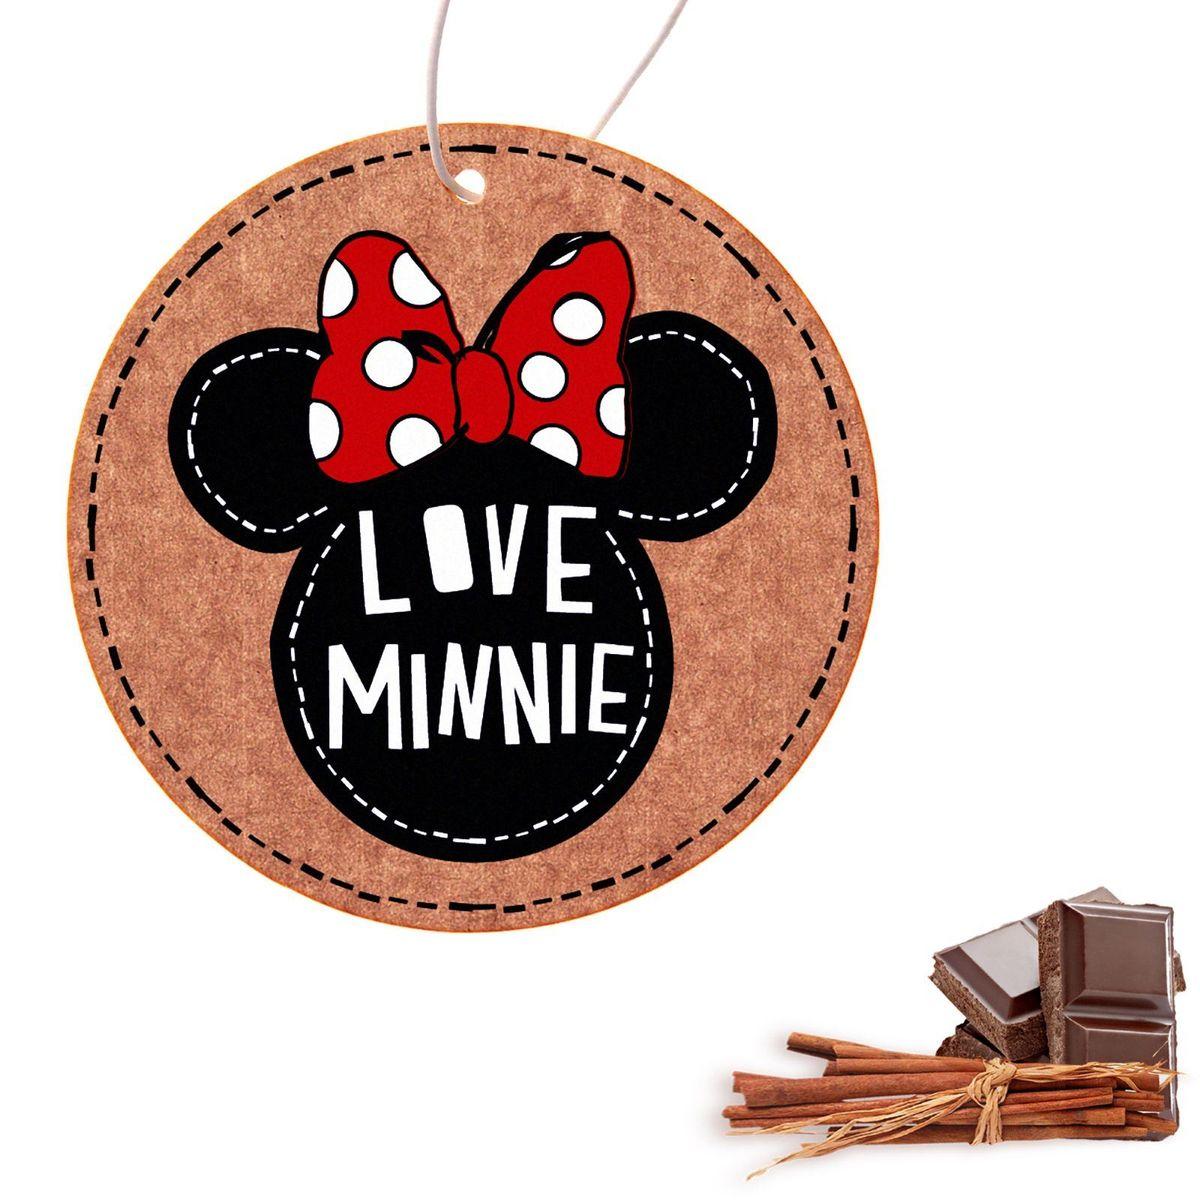 Ароматизатор в авто Disney Минни Маус. Love Minnie, 8,6 х 16,1 см1149006Яркость в серые городские будни и скучную езду по пробкам добавит ароматизатор в авто Love Minnie, Минни Маус. В нем сочетаются эксклюзивный дизайн и приятный аромат. Повесьте его на зеркало, и любимые герои уничтожат неприятные запахи. Если у вас нет автомобиля — не беда! Повесьте ароматизатор дома или на работе и наслаждайтесь чудесным благоуханием.